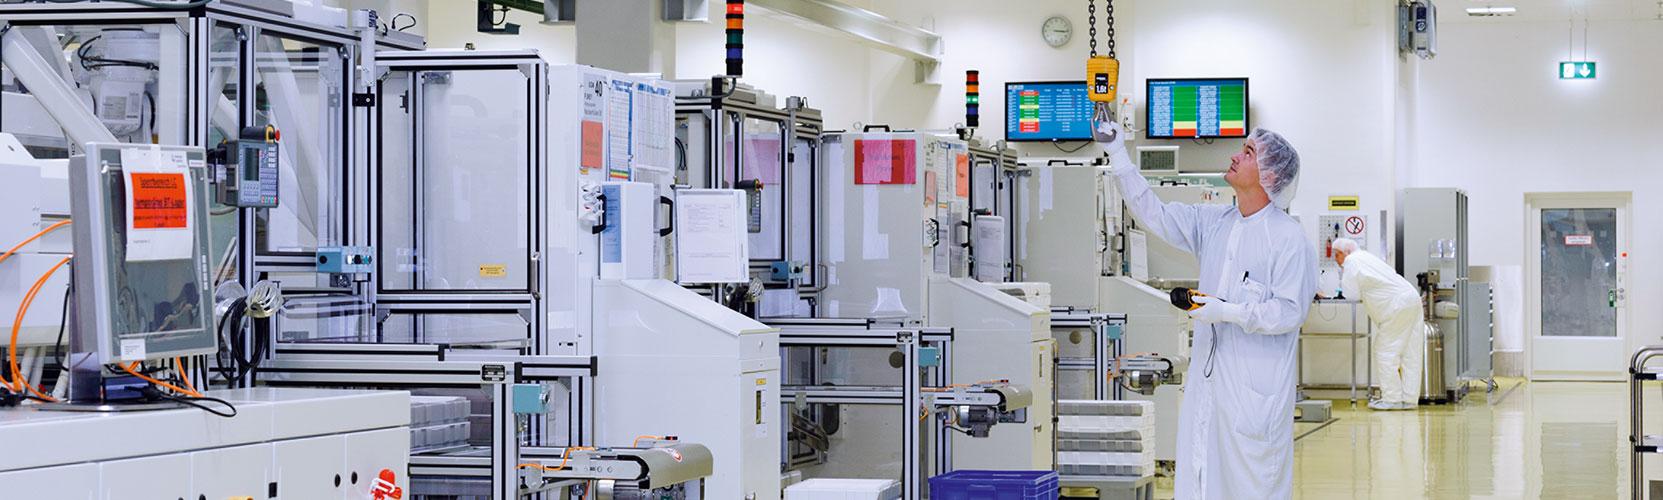 anwenderbericht-nicelabel-lms-hilft-boehringer-ingelheim-bei-der-schaffung-eines-globalen-und-standardisierten-etikettierungsprozesses